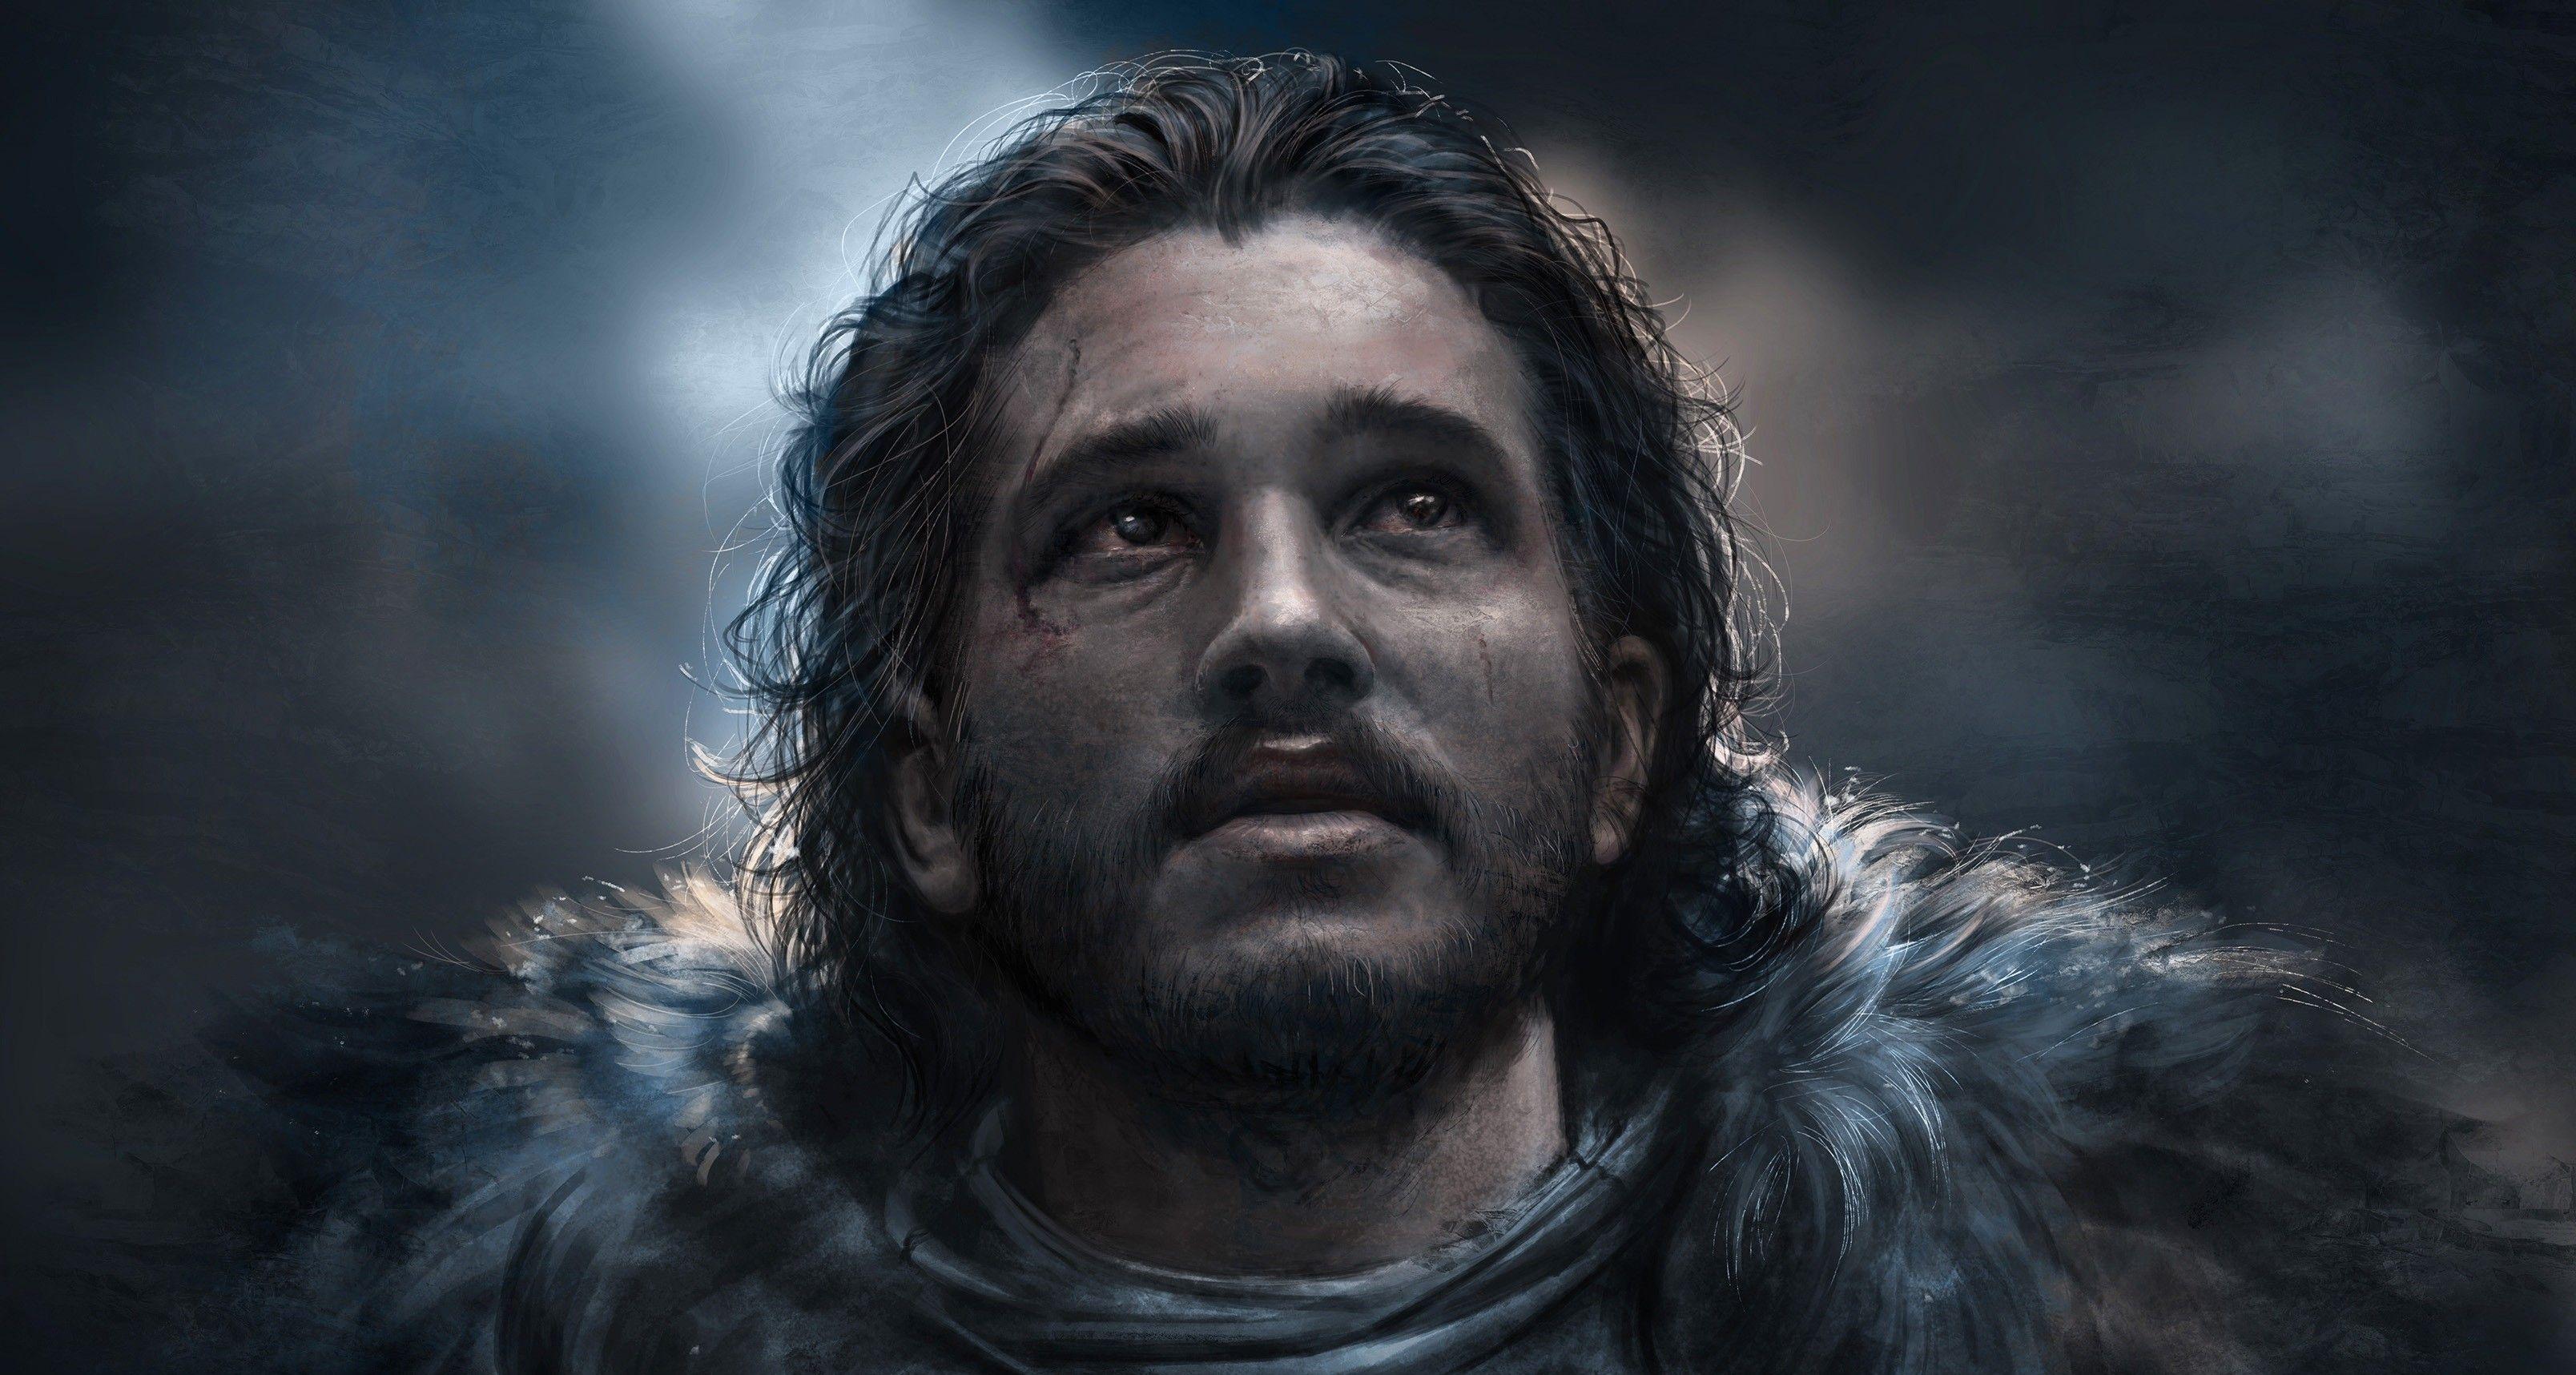 Res 3216x1716 Jon Snow Best Art Jon Snow Art John Snow Jon Snow